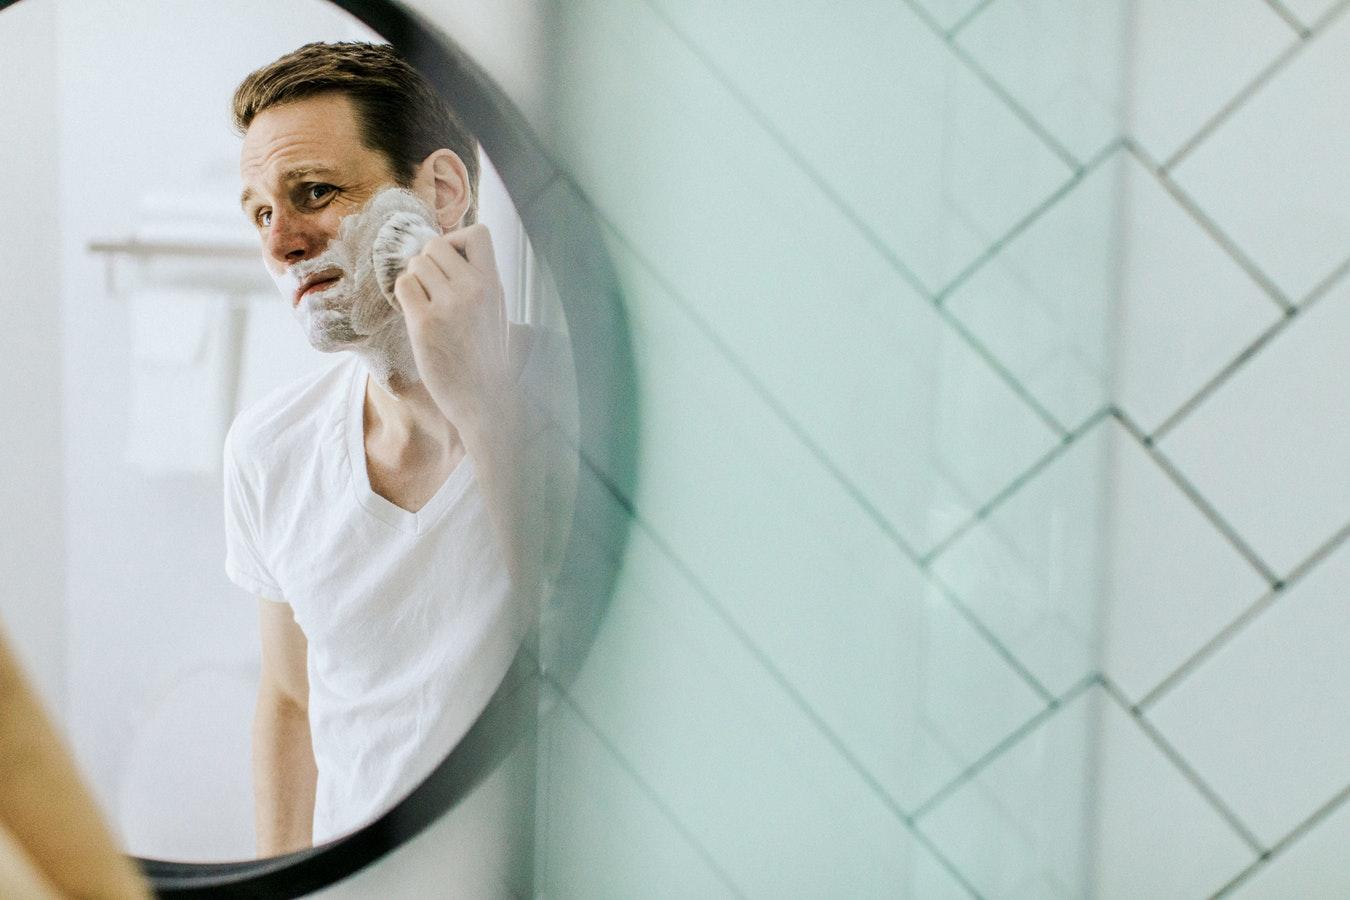 Braun shaving